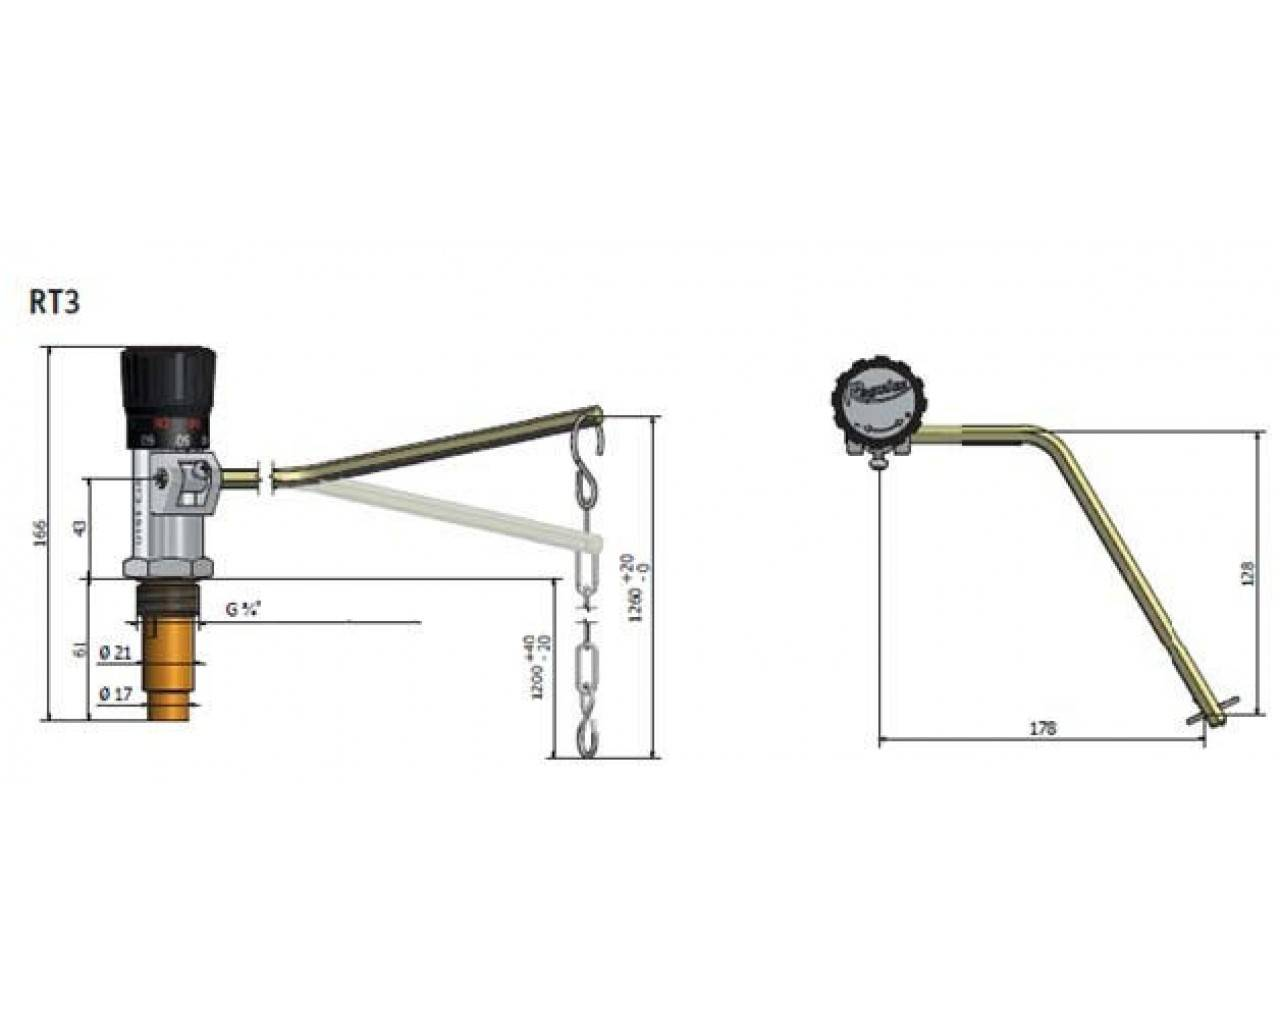 Регулятор тяги для твердотопливных котлов: как настроить горение, настройка, автоматический и механический тягорегуляторы